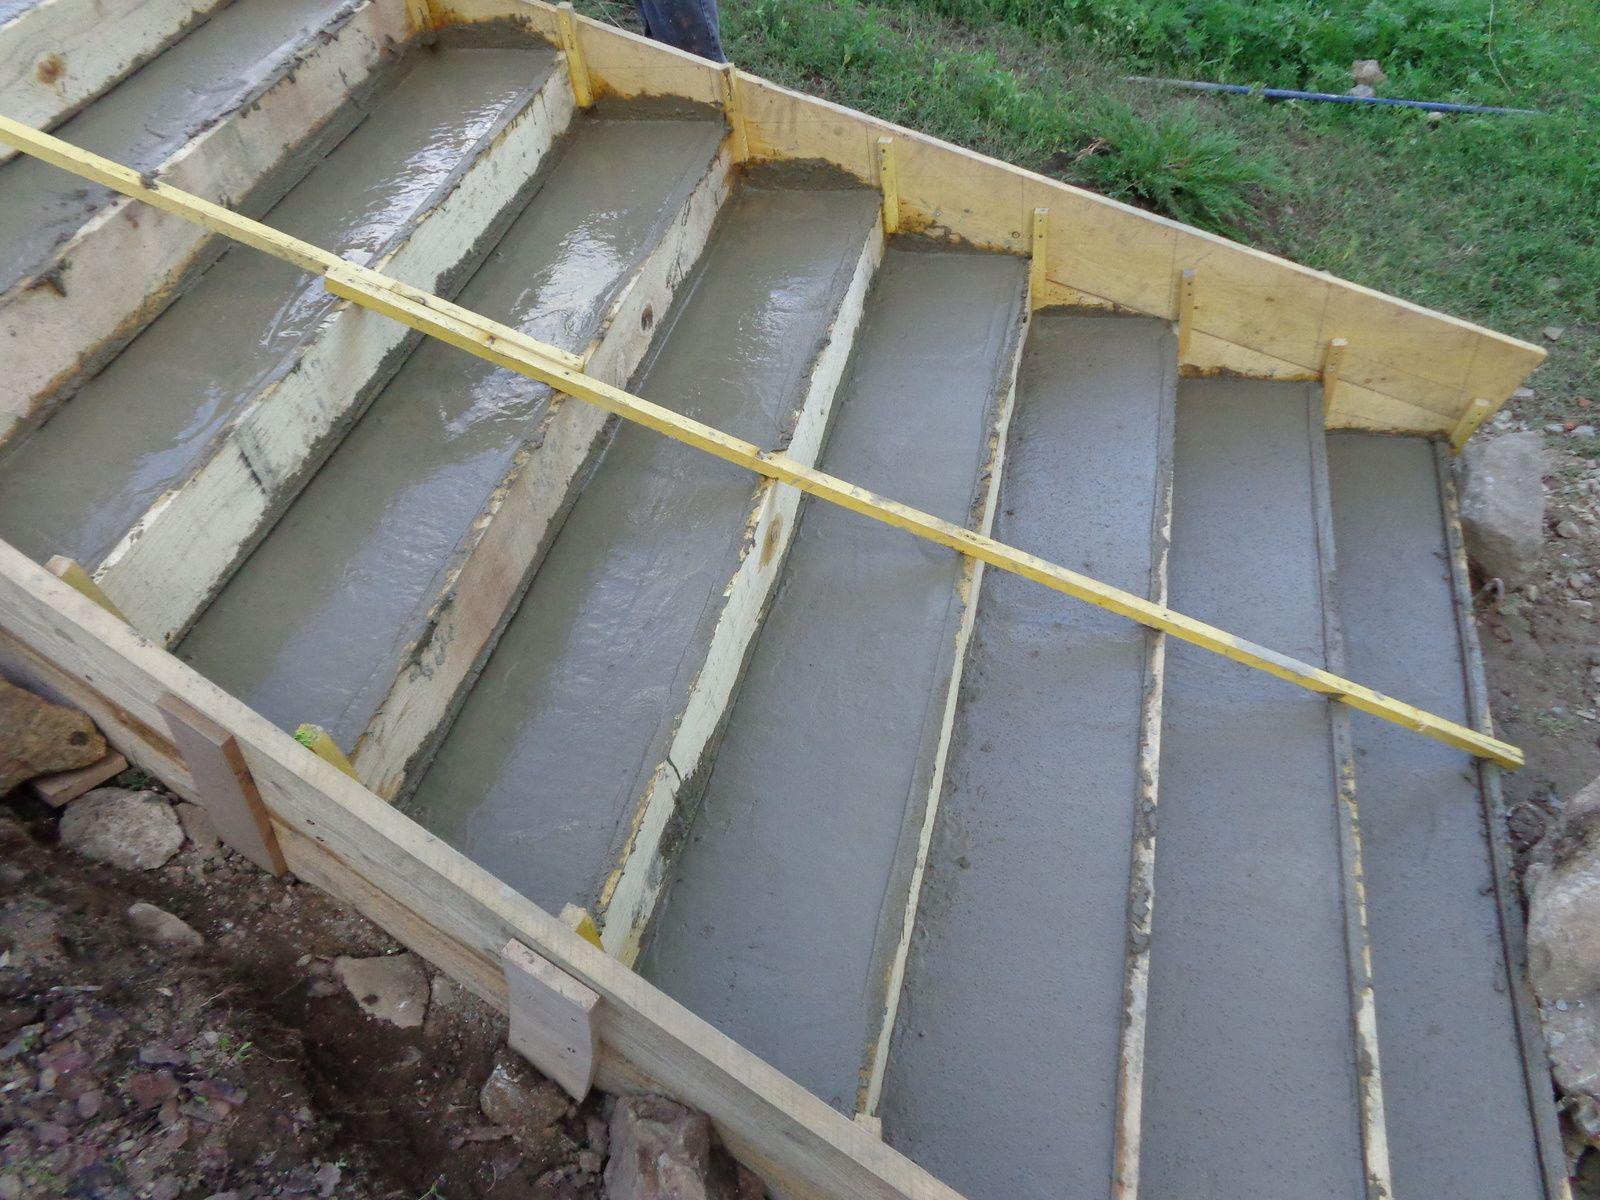 Exterieurs Escalier Renovation D Une Maison Du Beaujolais Escalier Exterieur Escalier Exterieur Beton Escalier De Jardin